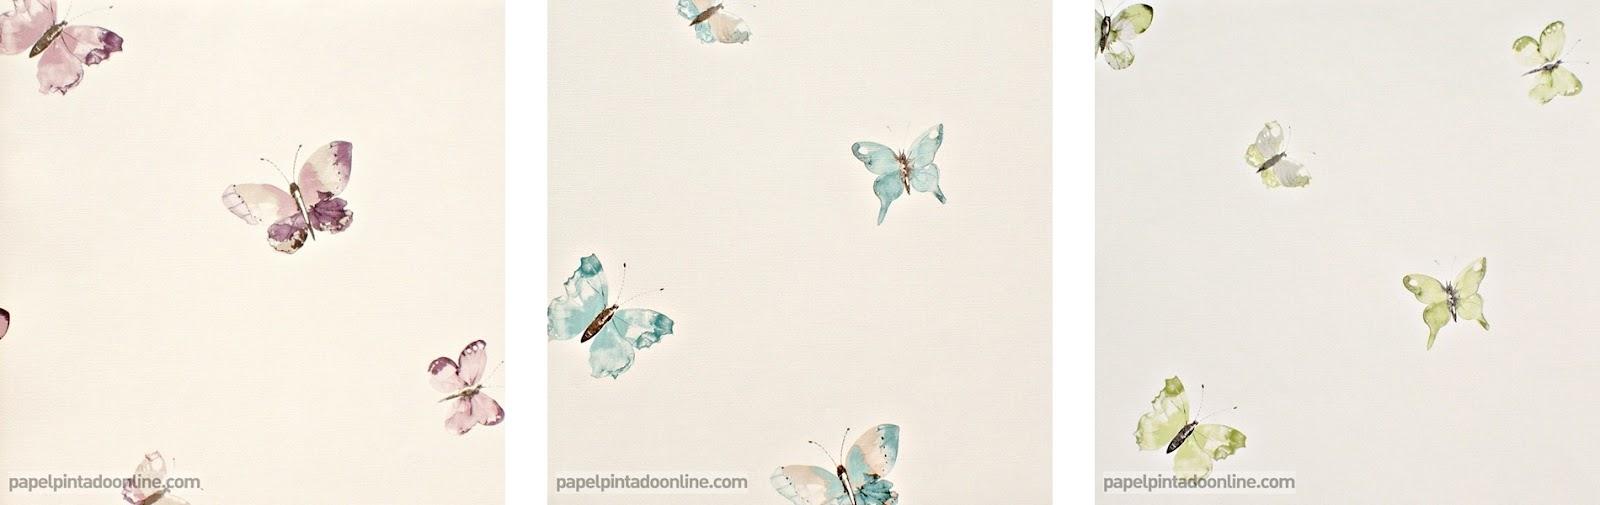 Papel pintado papel pintado butterfly - Fotos de papel pintado ...